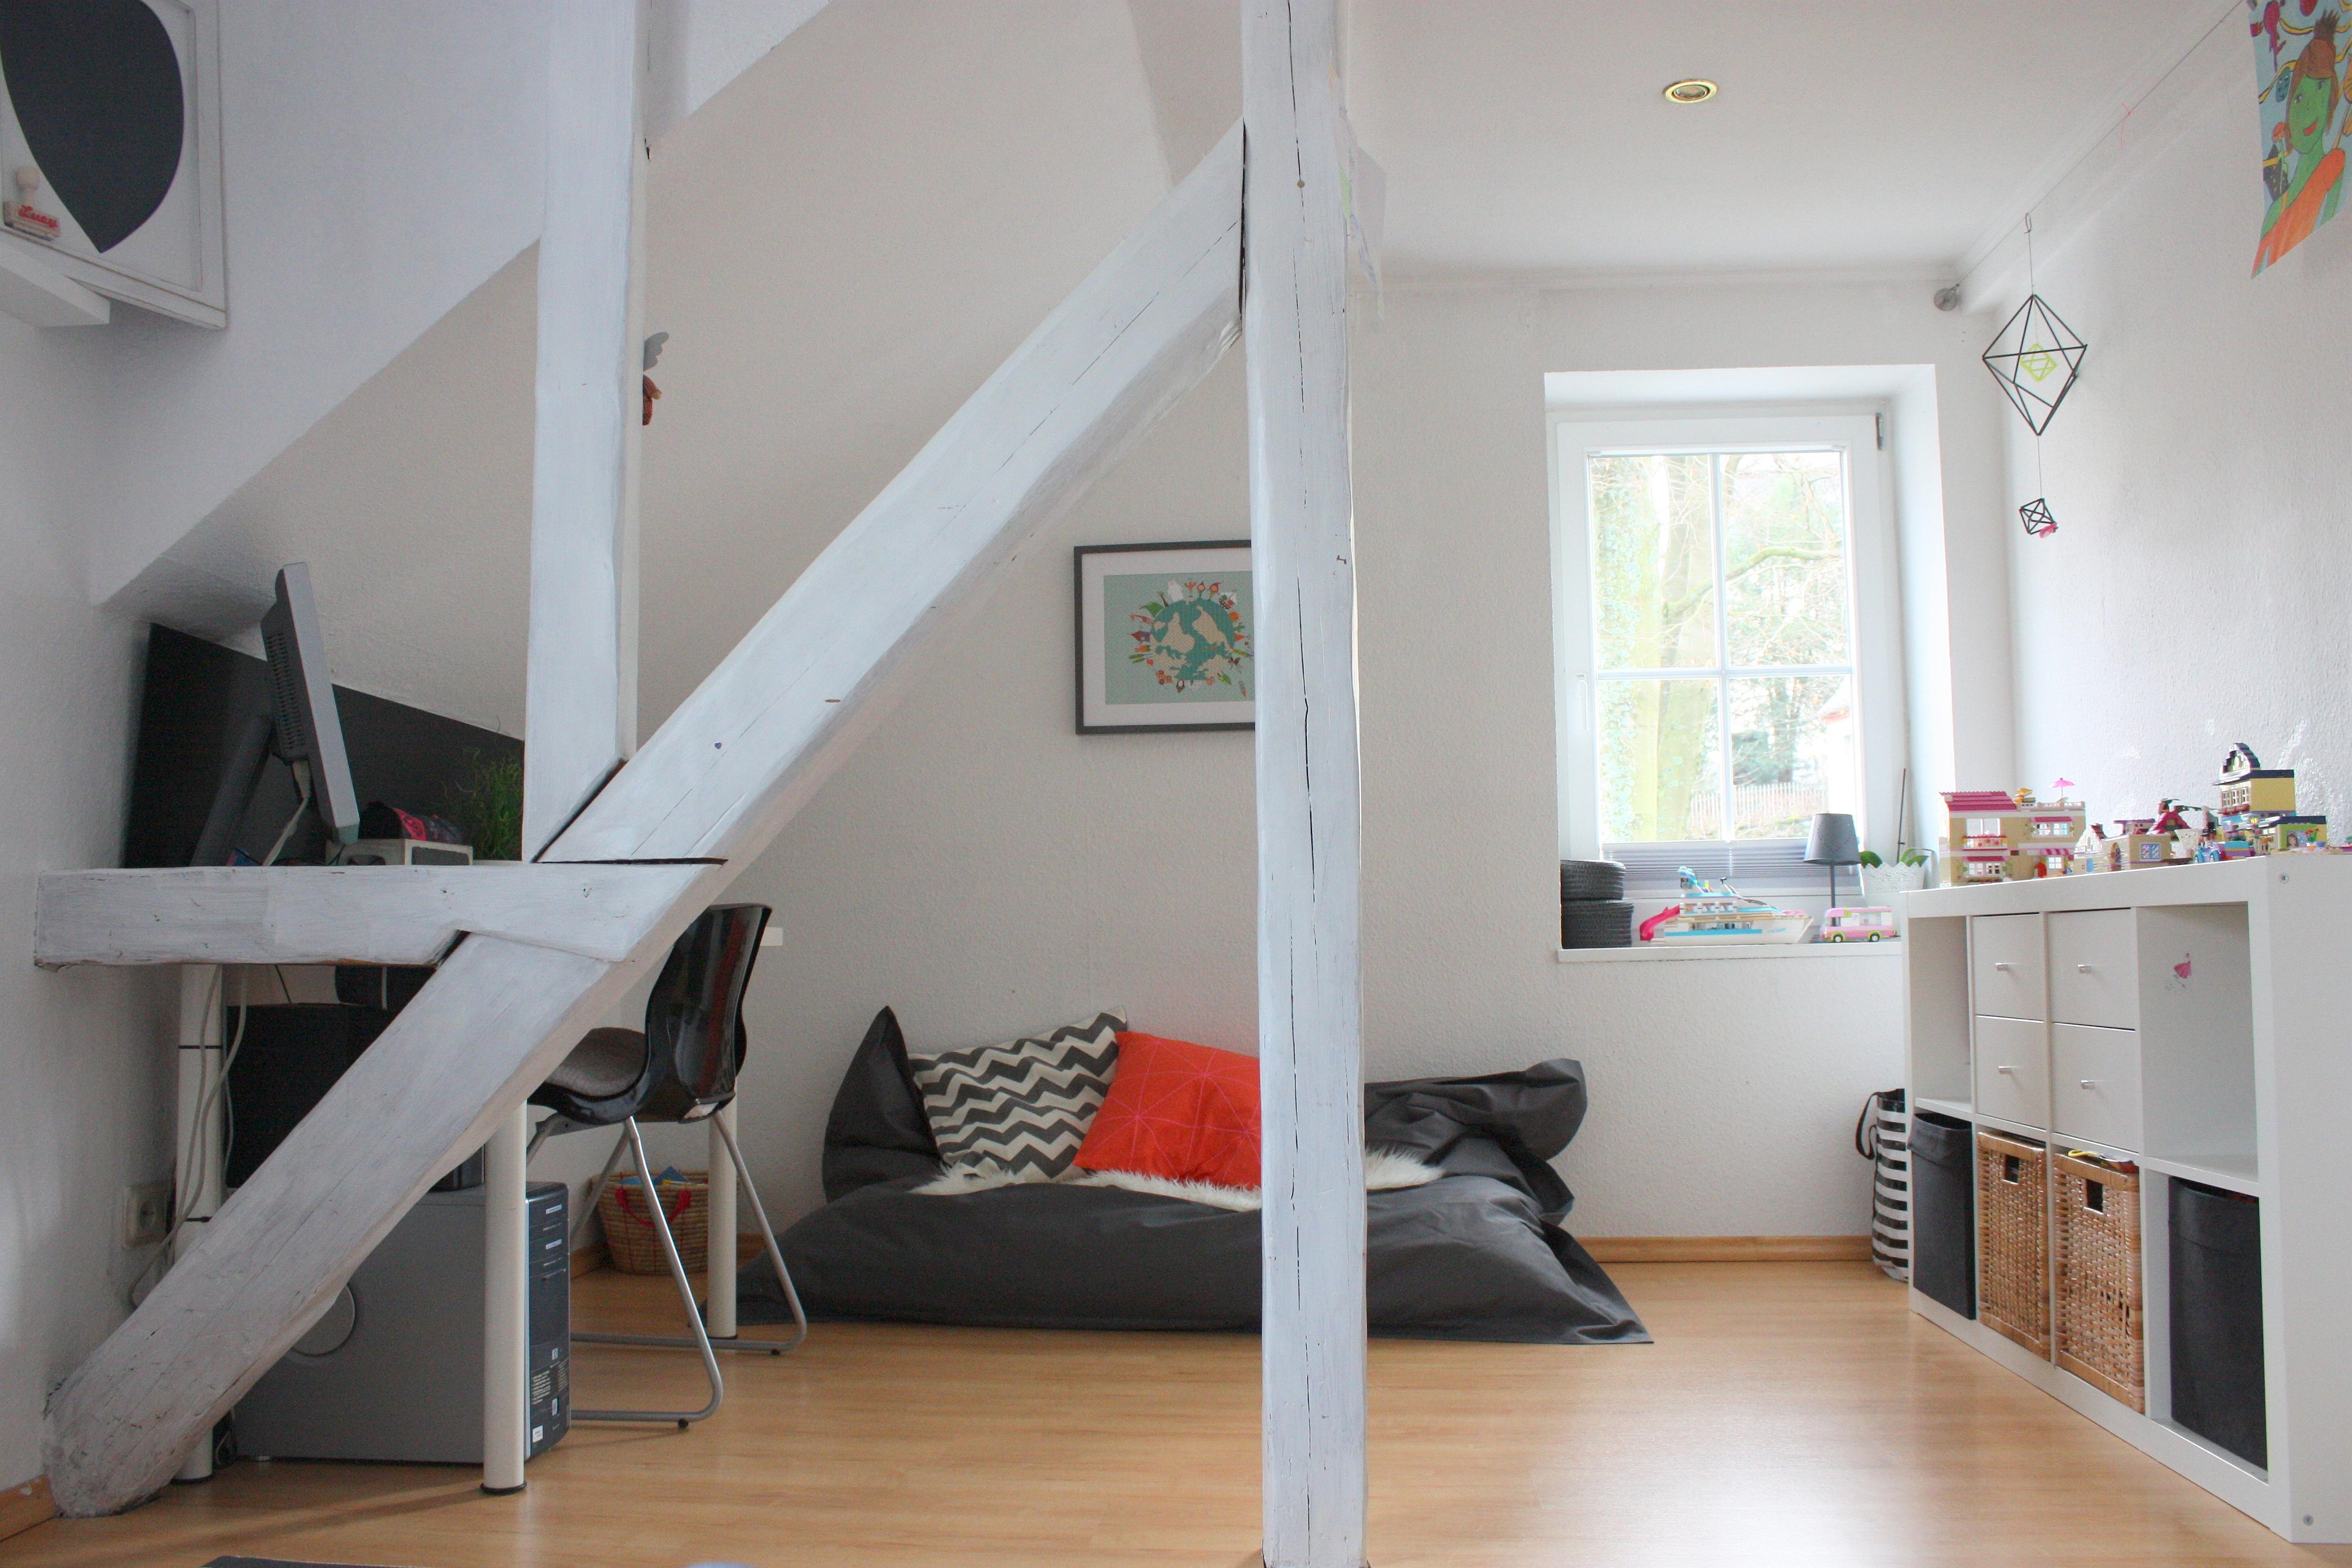 ideen und tipps f r die einrichtung eines jugendzimmers. Black Bedroom Furniture Sets. Home Design Ideas